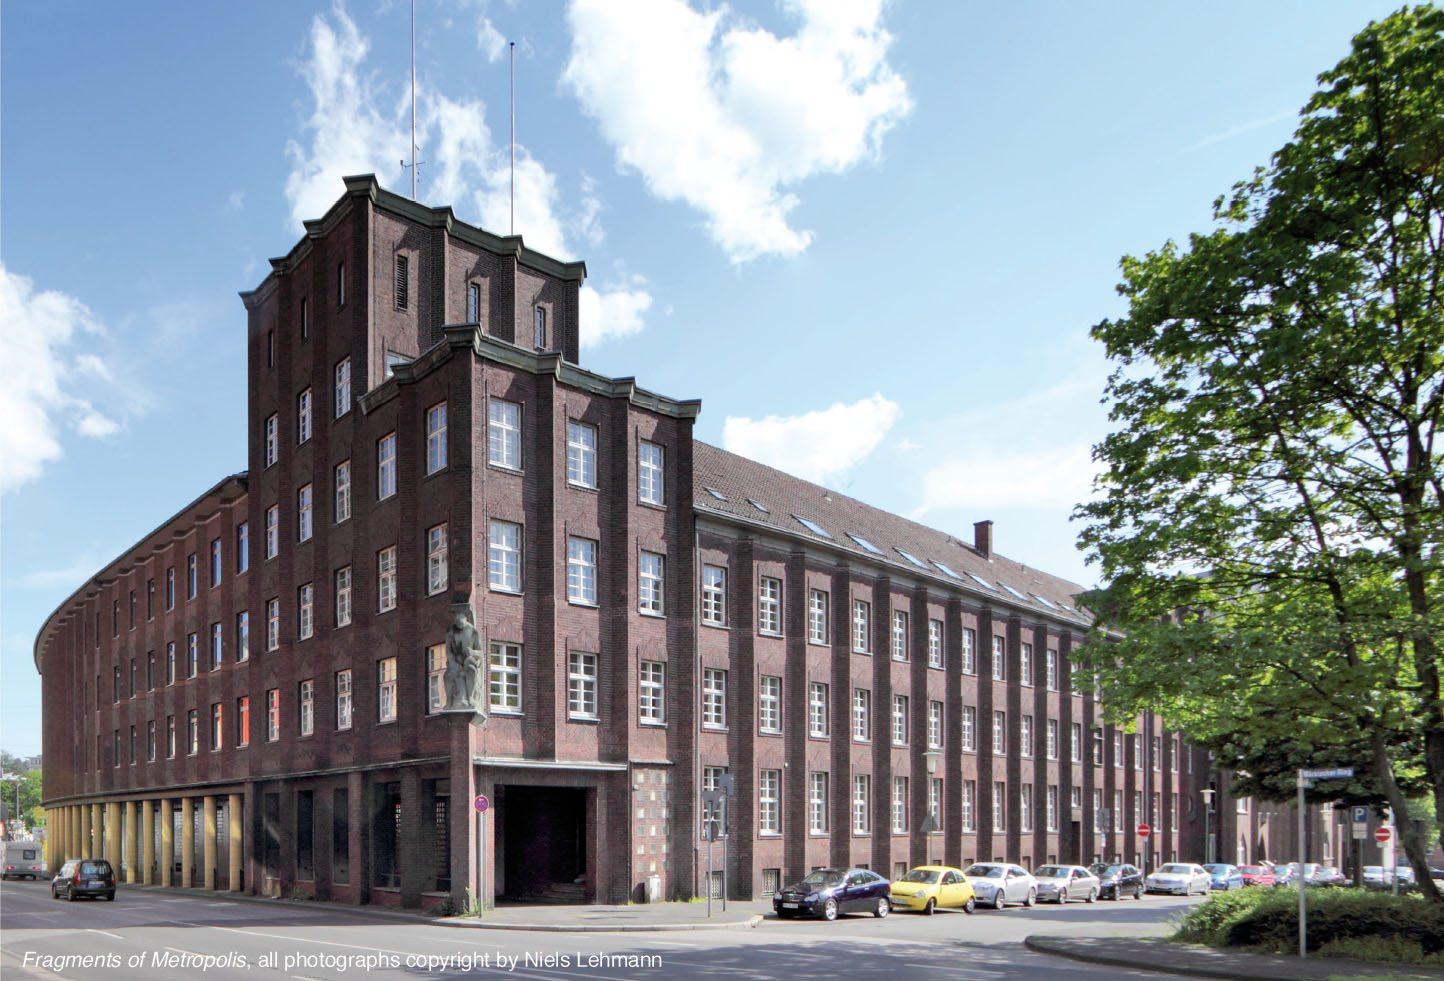 Hagen Finanzamt.  1925-26 von Alfred Reischig